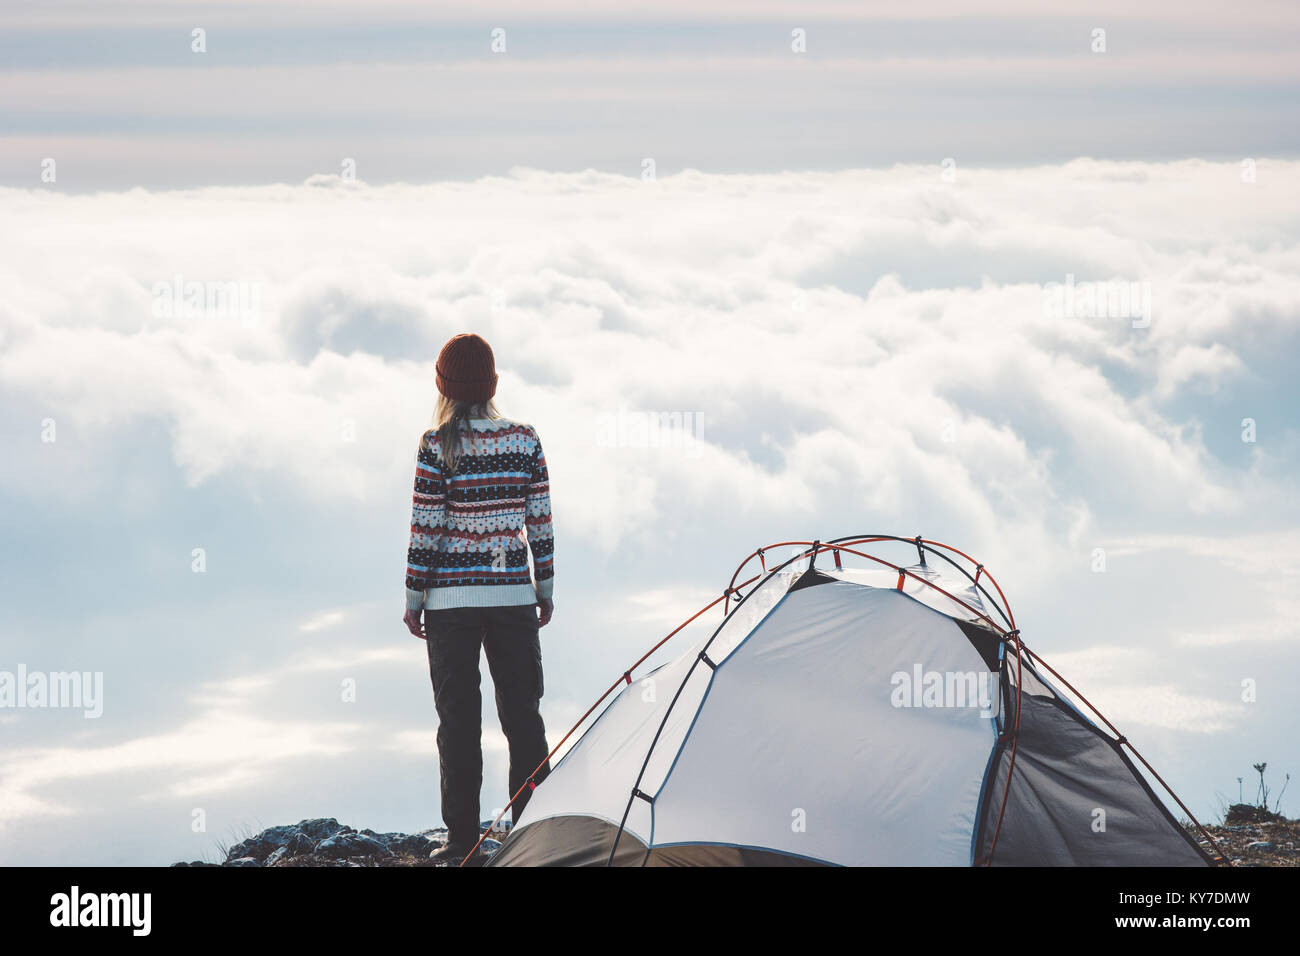 Frau auf Klippe alleine Nebel wolken landschaft auf dem Hintergrund Reisen Lifestyle Konzept Abenteuer Urlaub Outdoor Stockbild